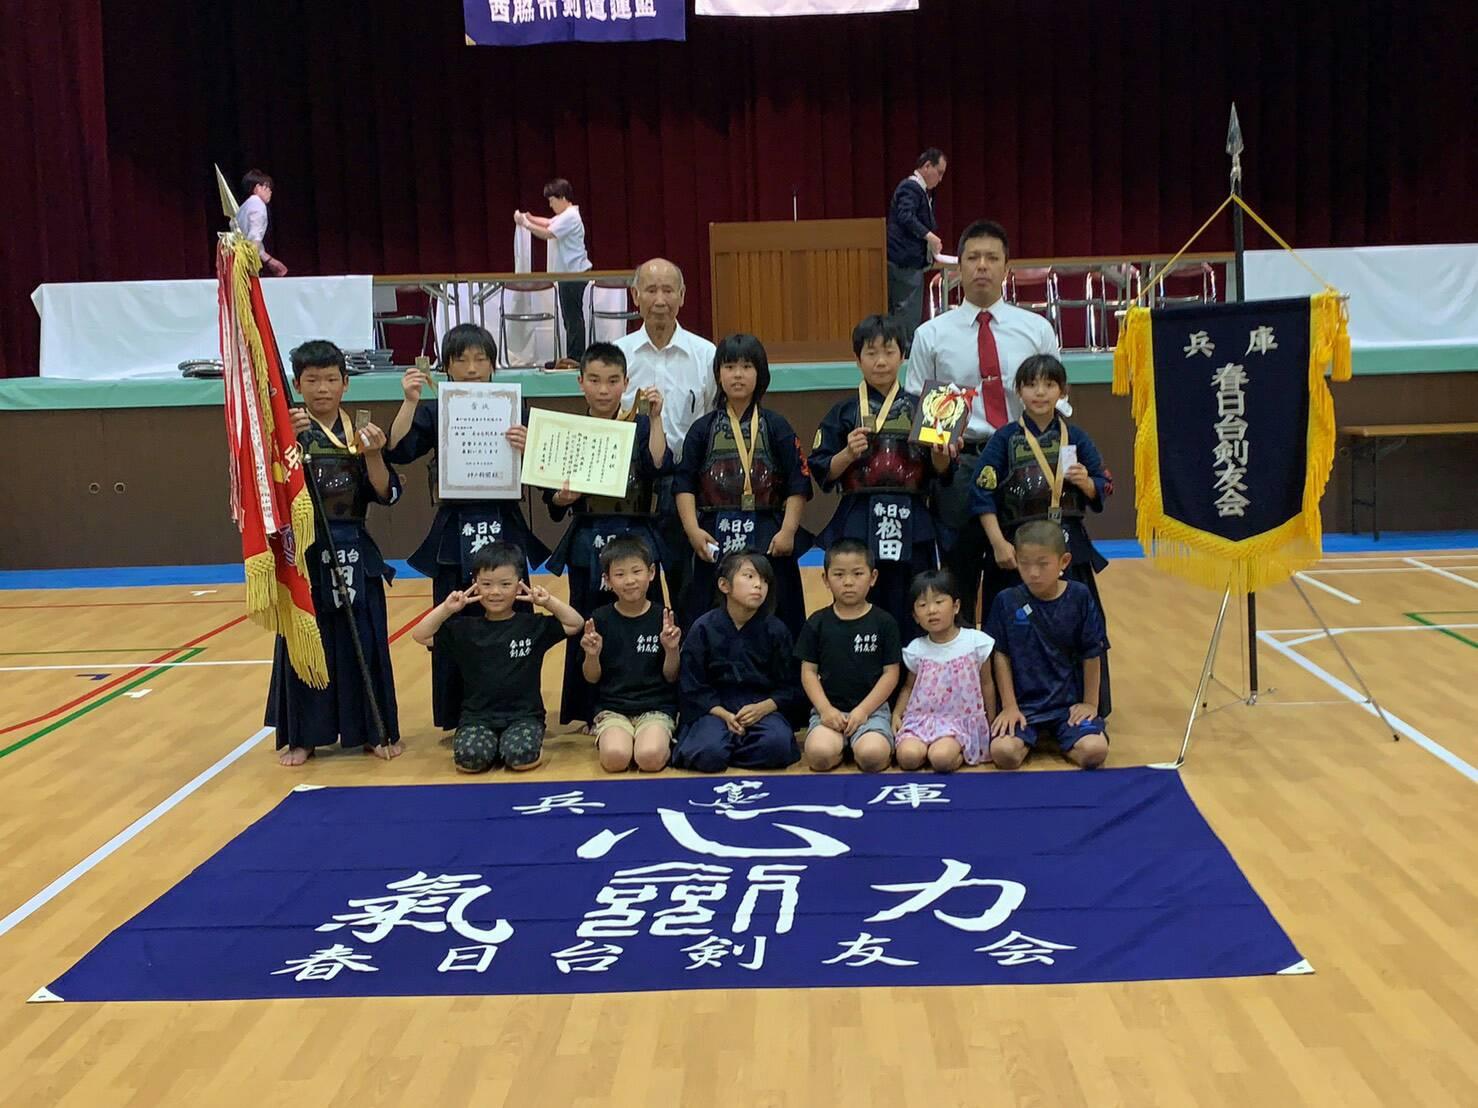 第47回中兵庫少年剣道大会に参加しました